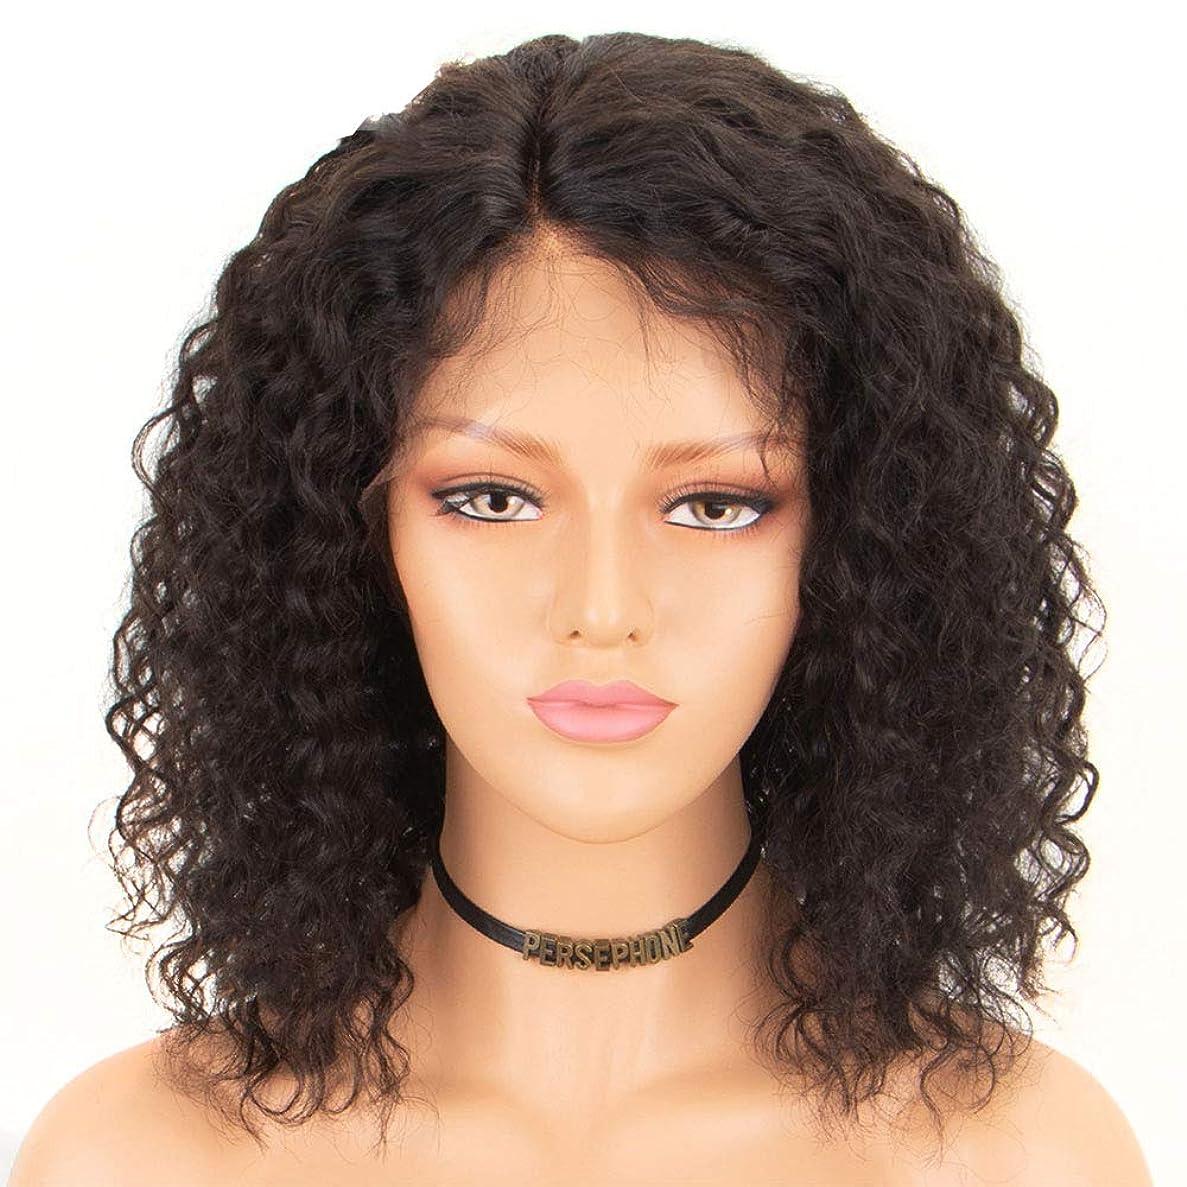 福祉季節記念碑的な黒人女性100%人毛カーリー360レース前頭かつらブラジルのremy毛360レースかつらフルエ付きベビーヘアー14インチ